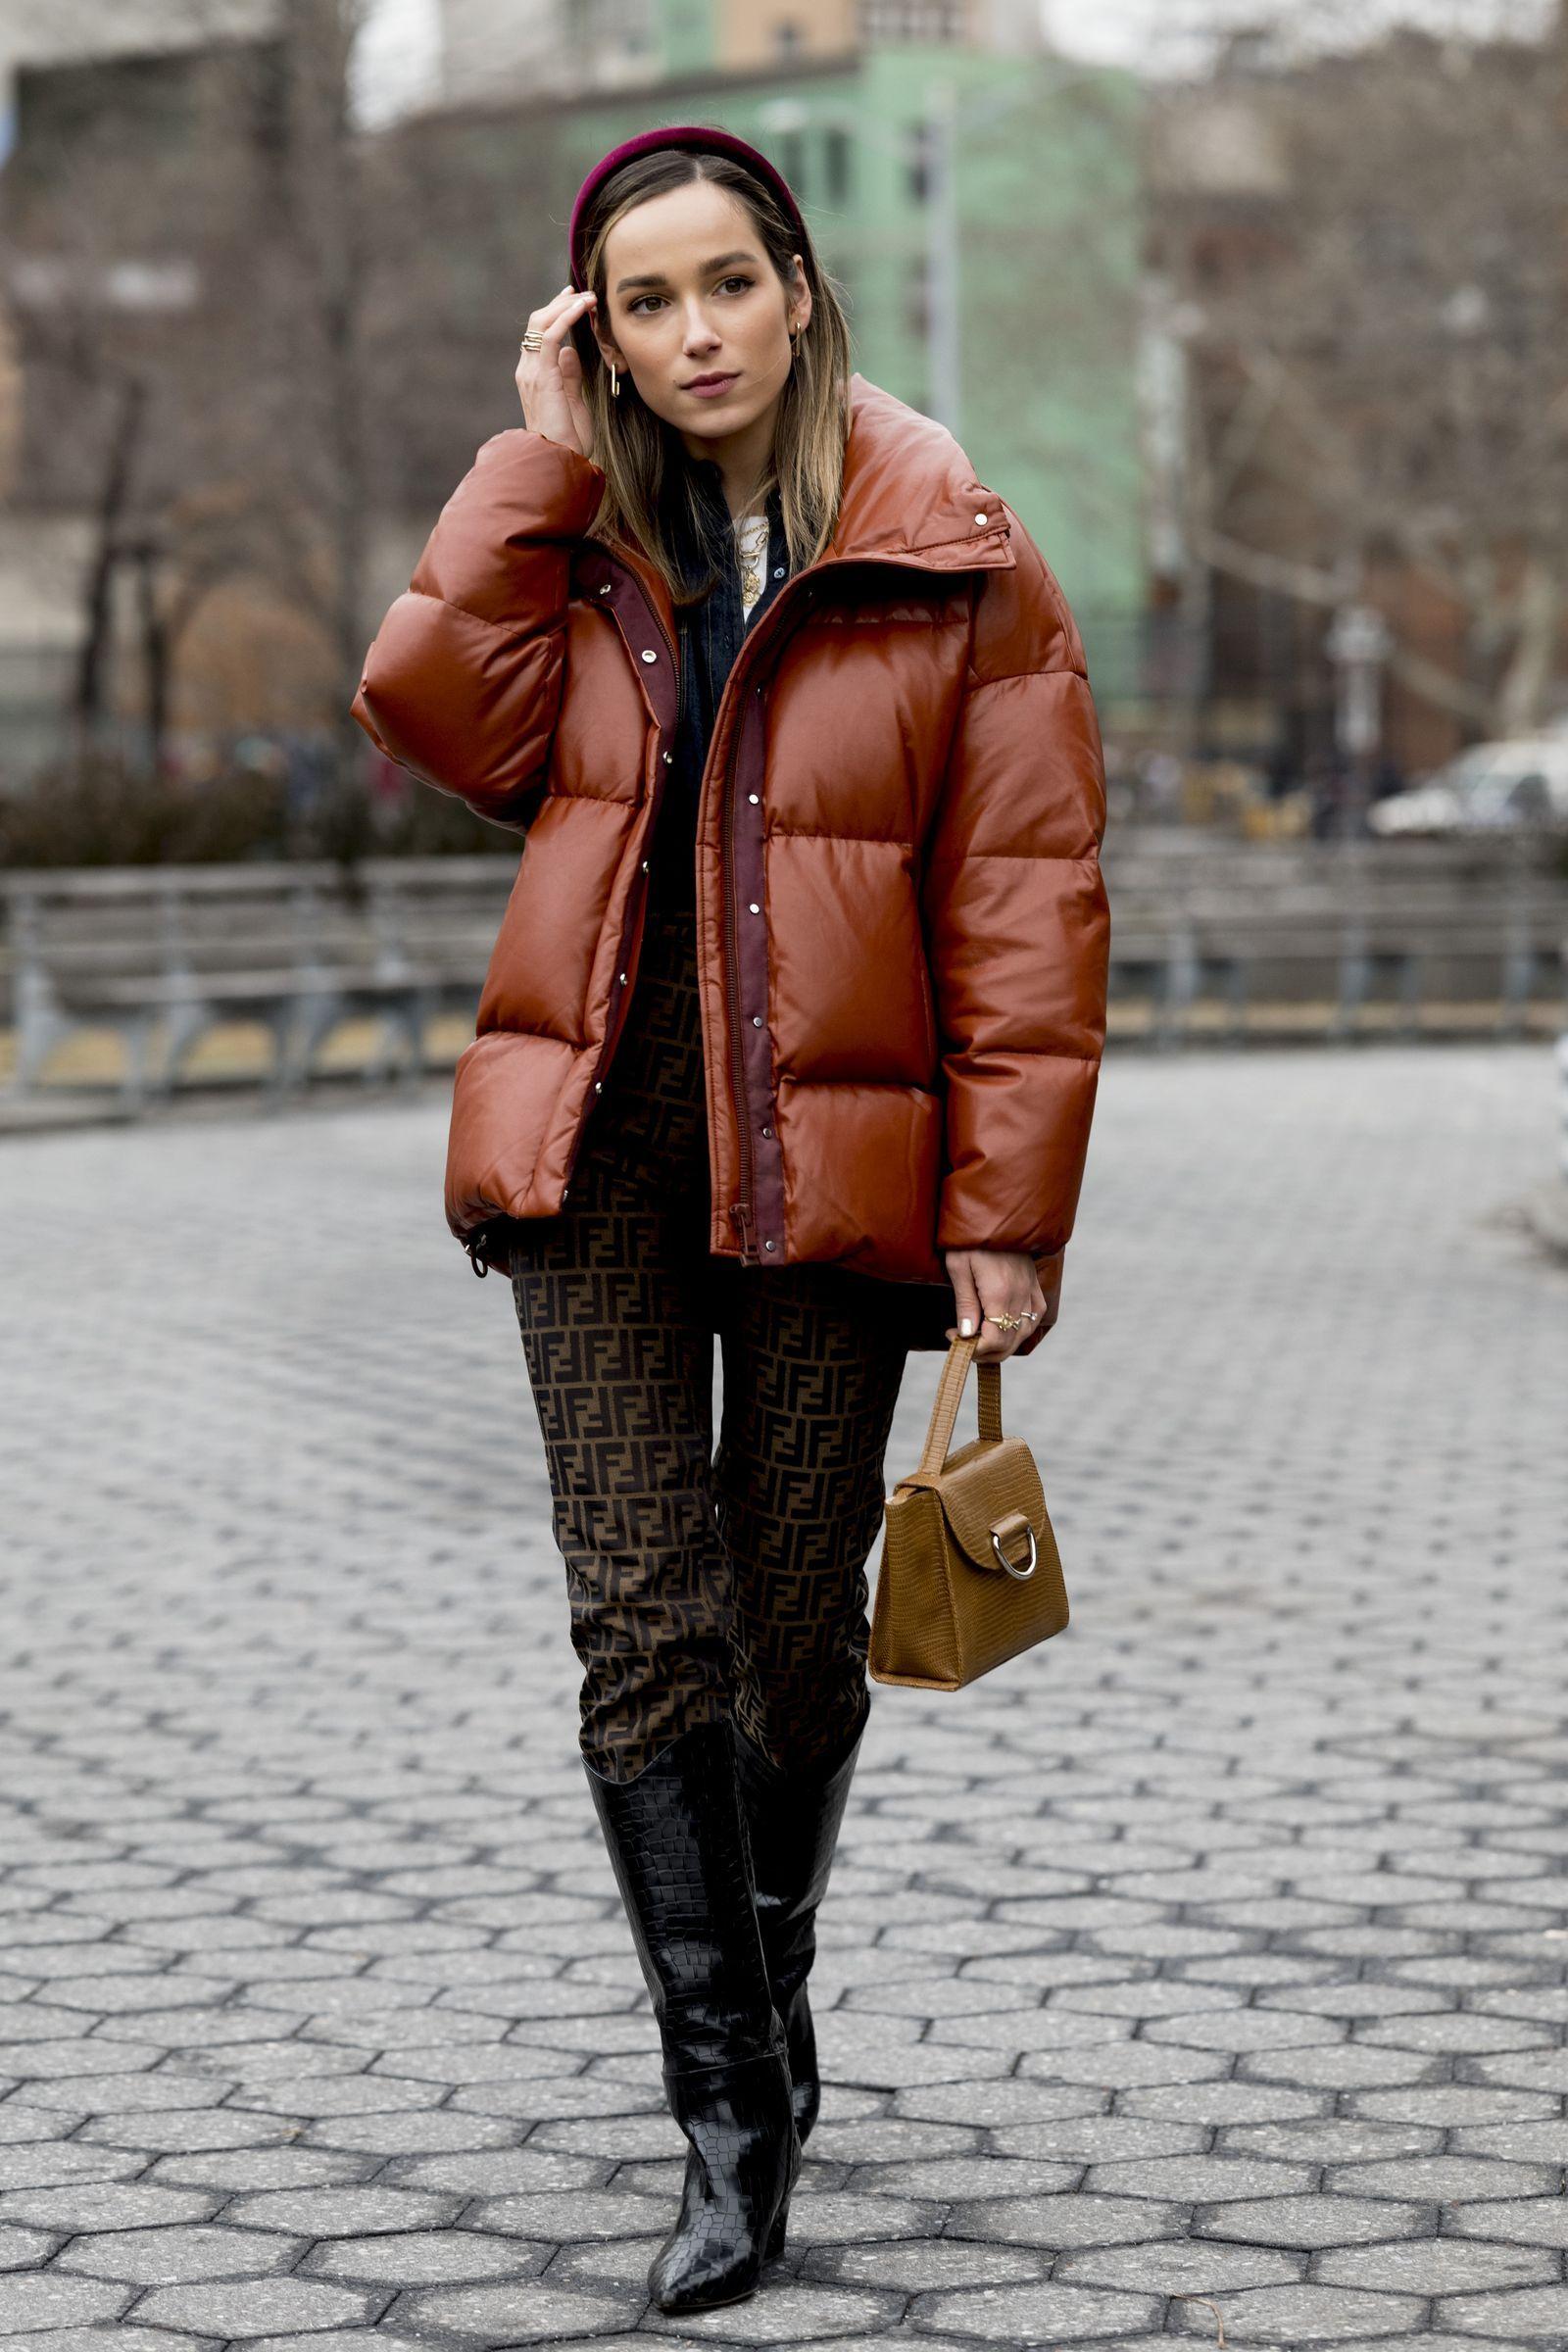 Куртки сезона осень-зима 2020/2021. Кожаный пуховик